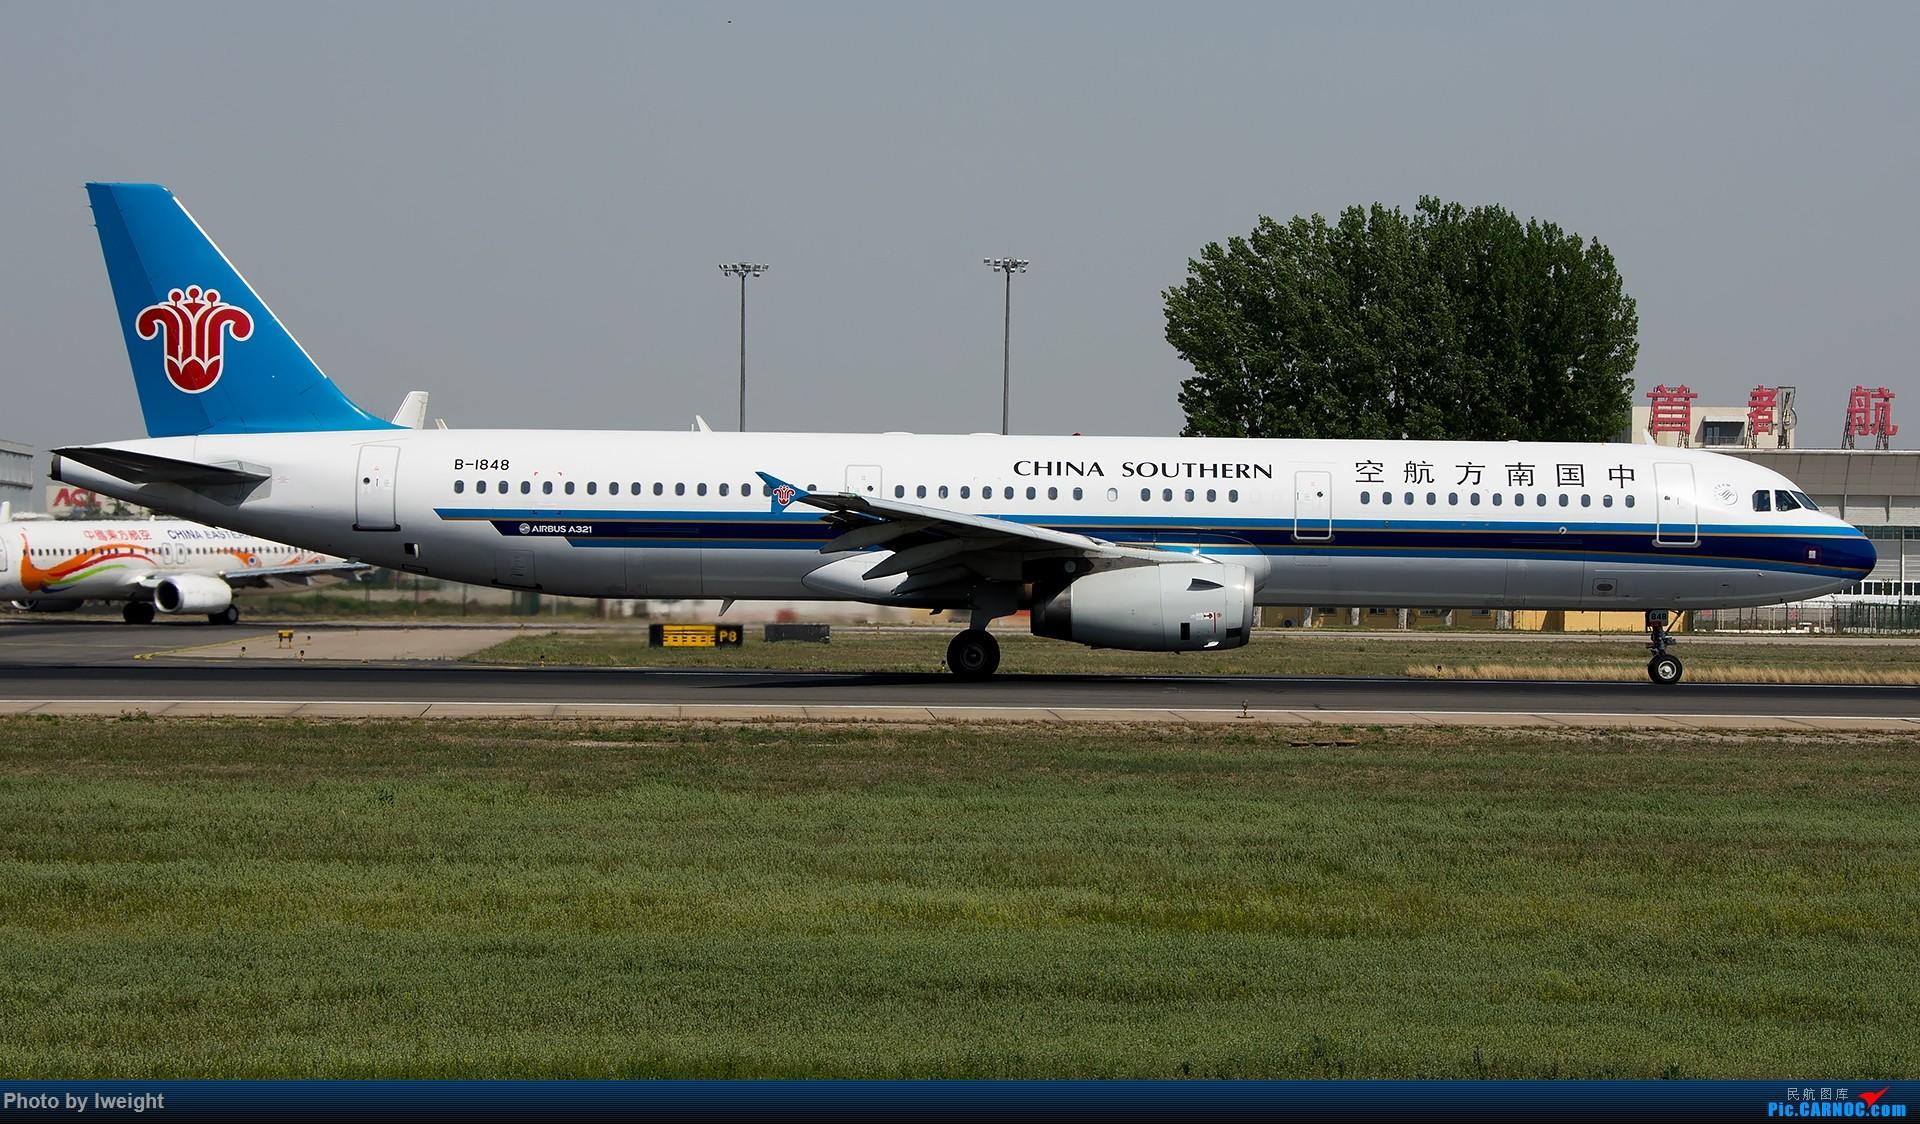 Re:[原创]天气晴朗,继续守候18R【多图】 AIRBUS A321-200 B-1848 中国北京首都国际机场